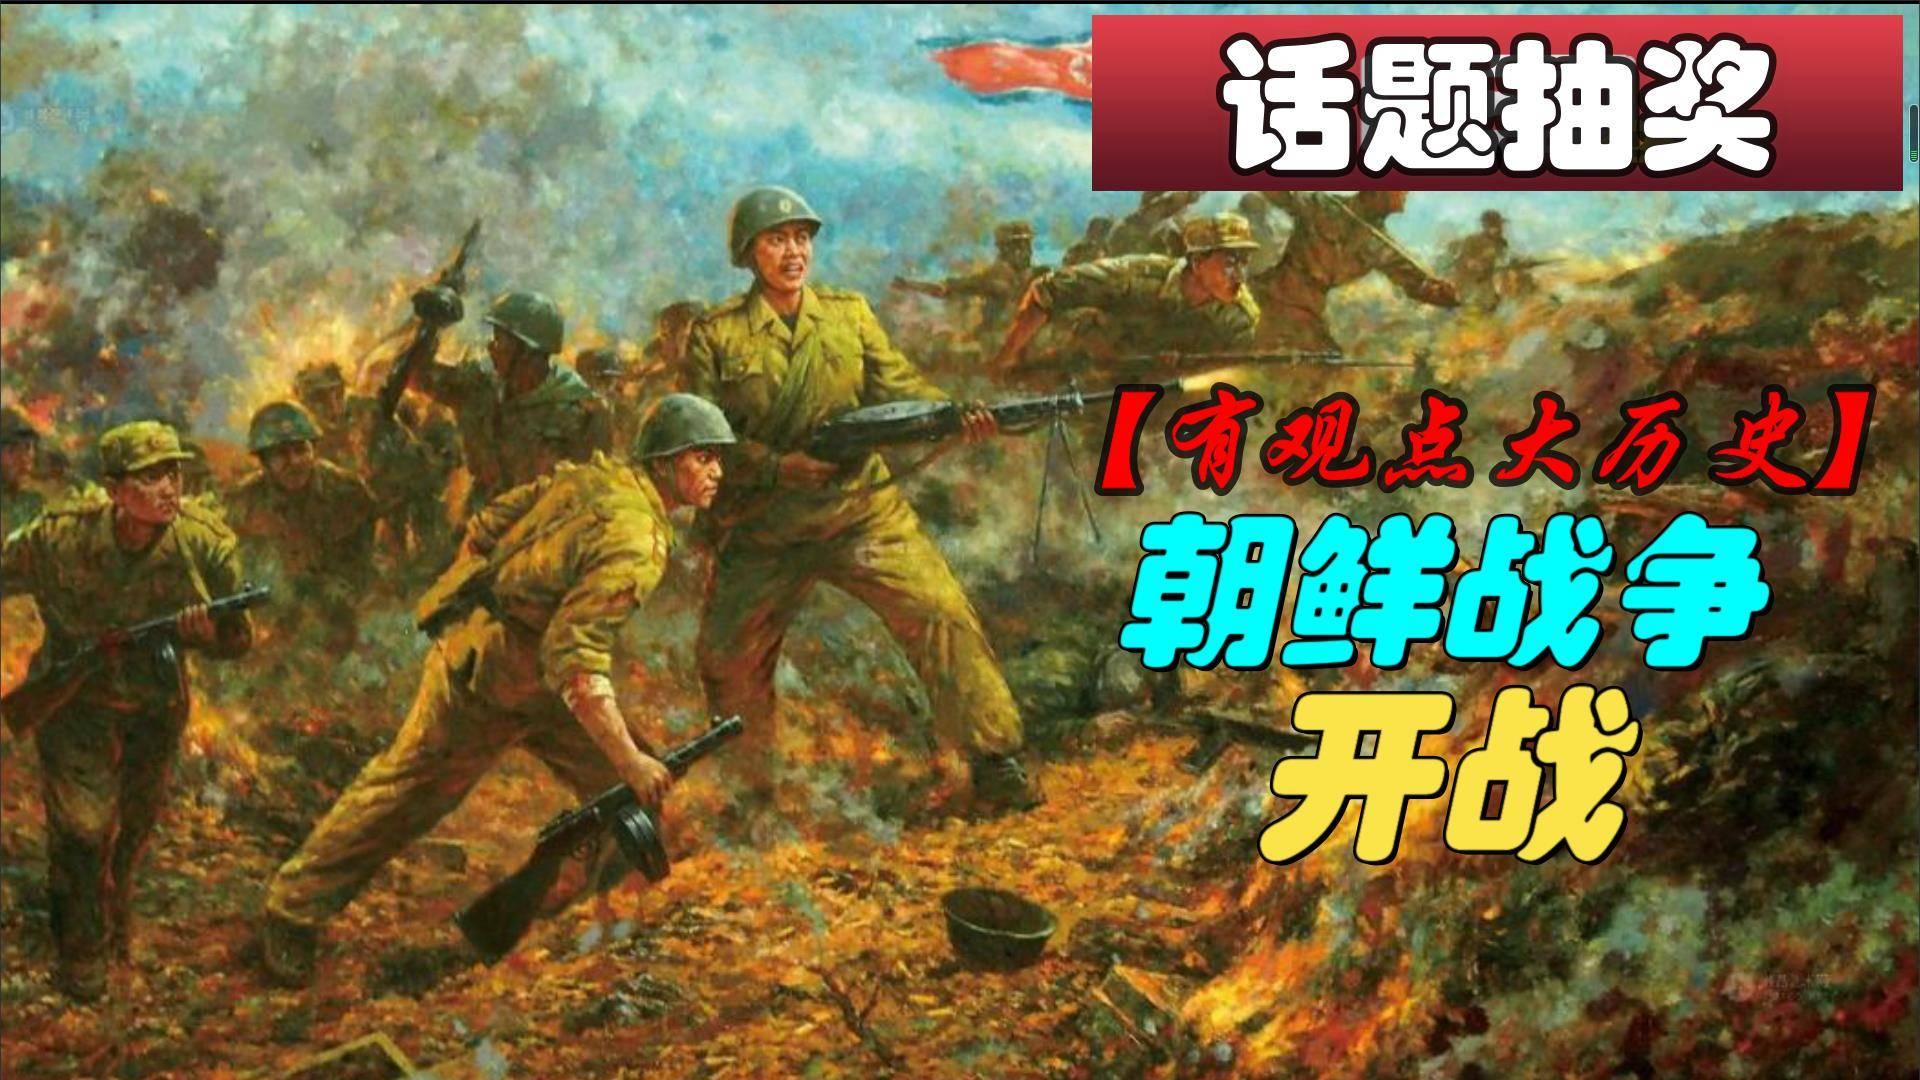 #话题抽奖# 朝鲜战争--开战!!!